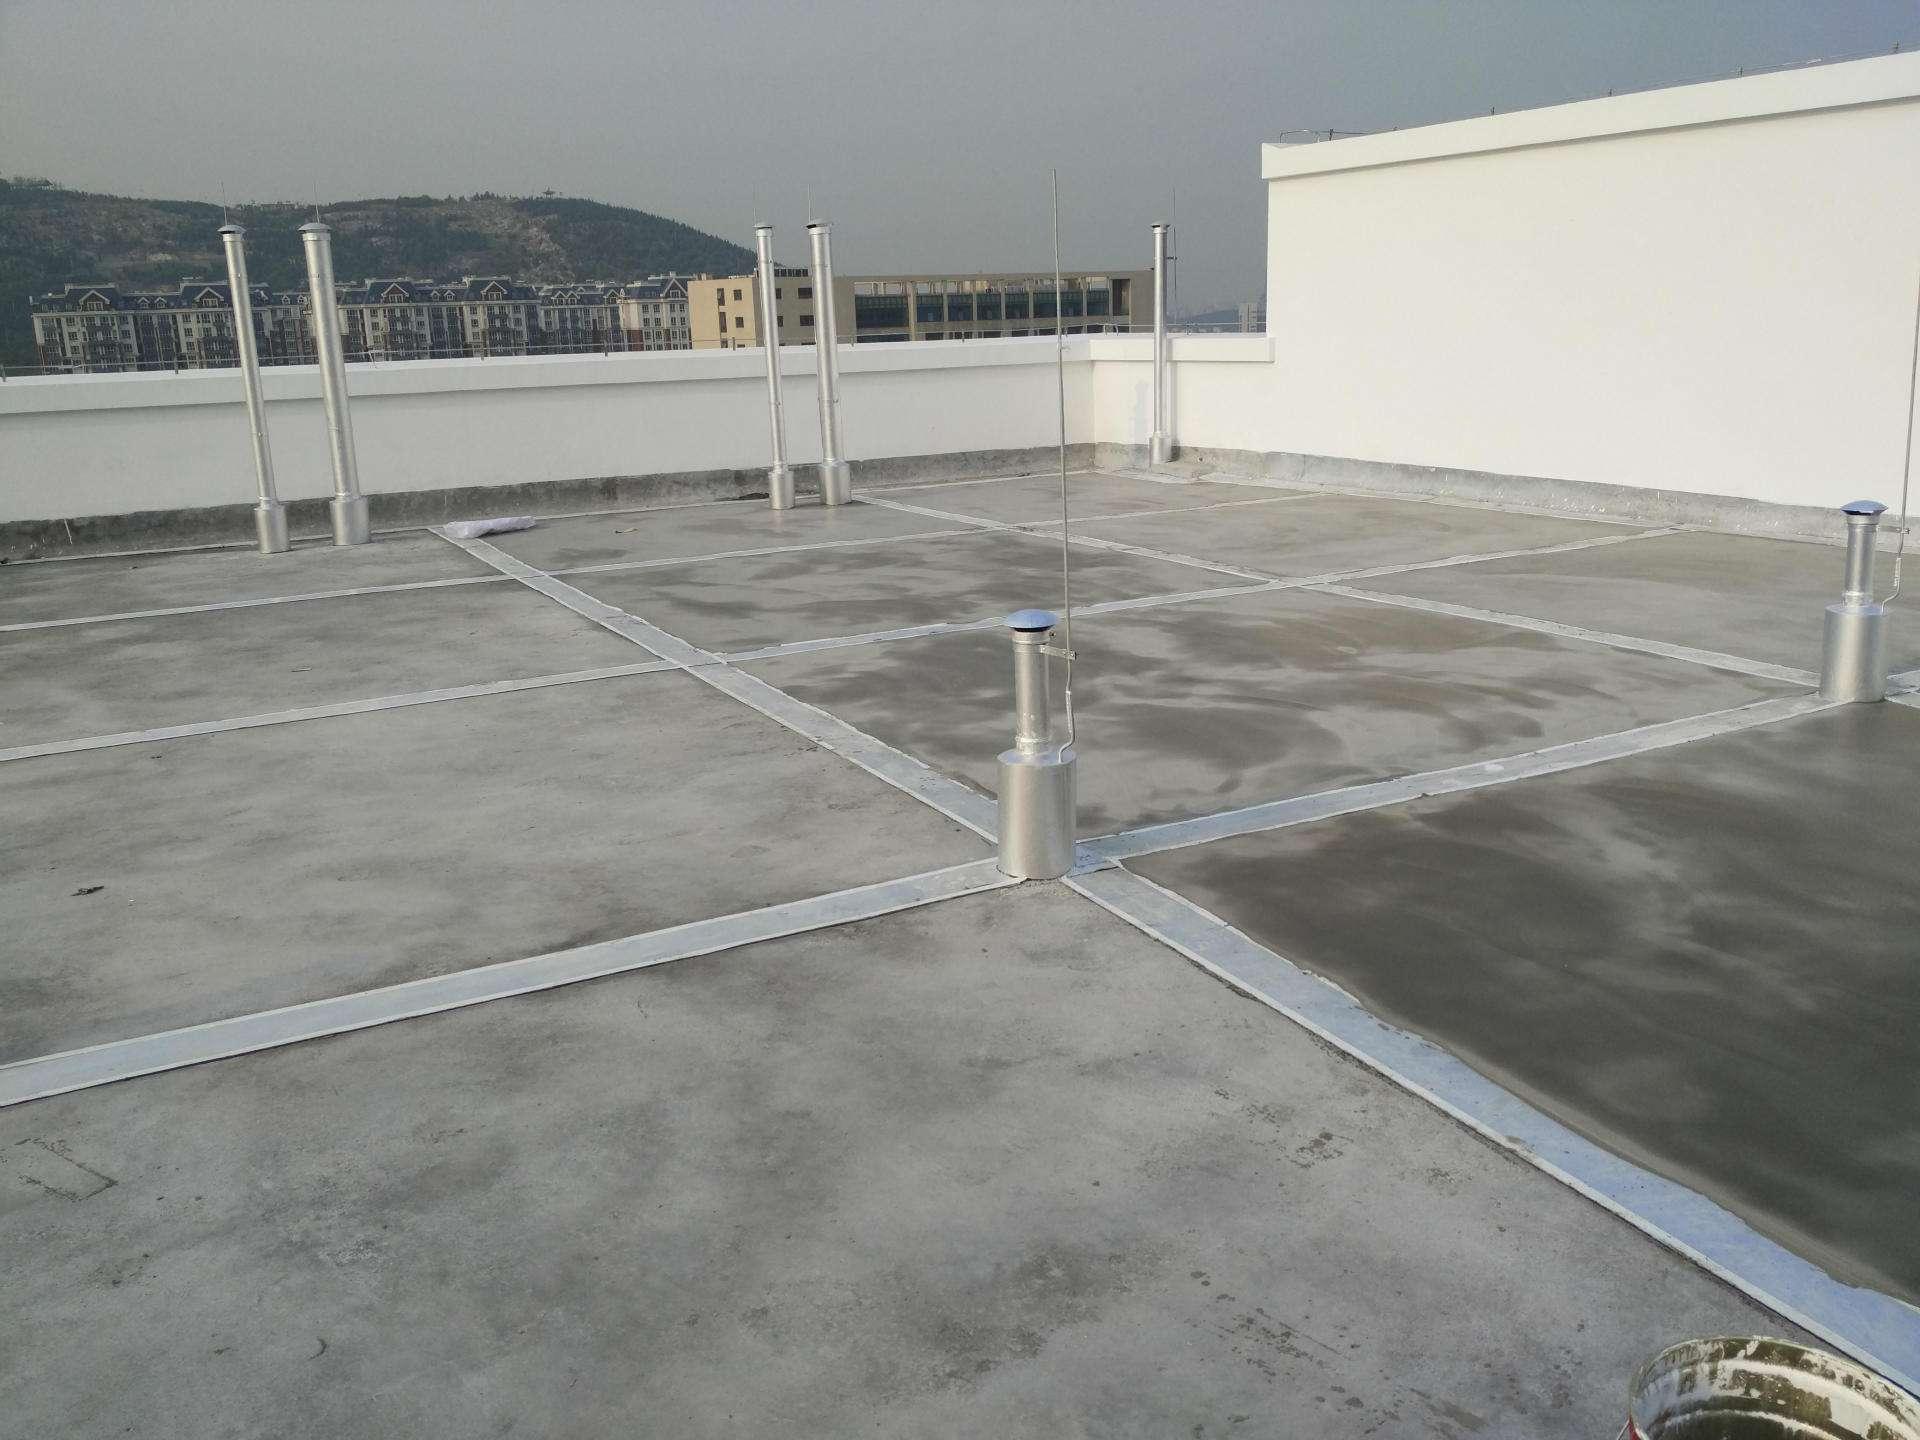 地坪修复怎么做,尤其是天气恶劣的影响造成地面的松散或破碎应该怎么处理呢?